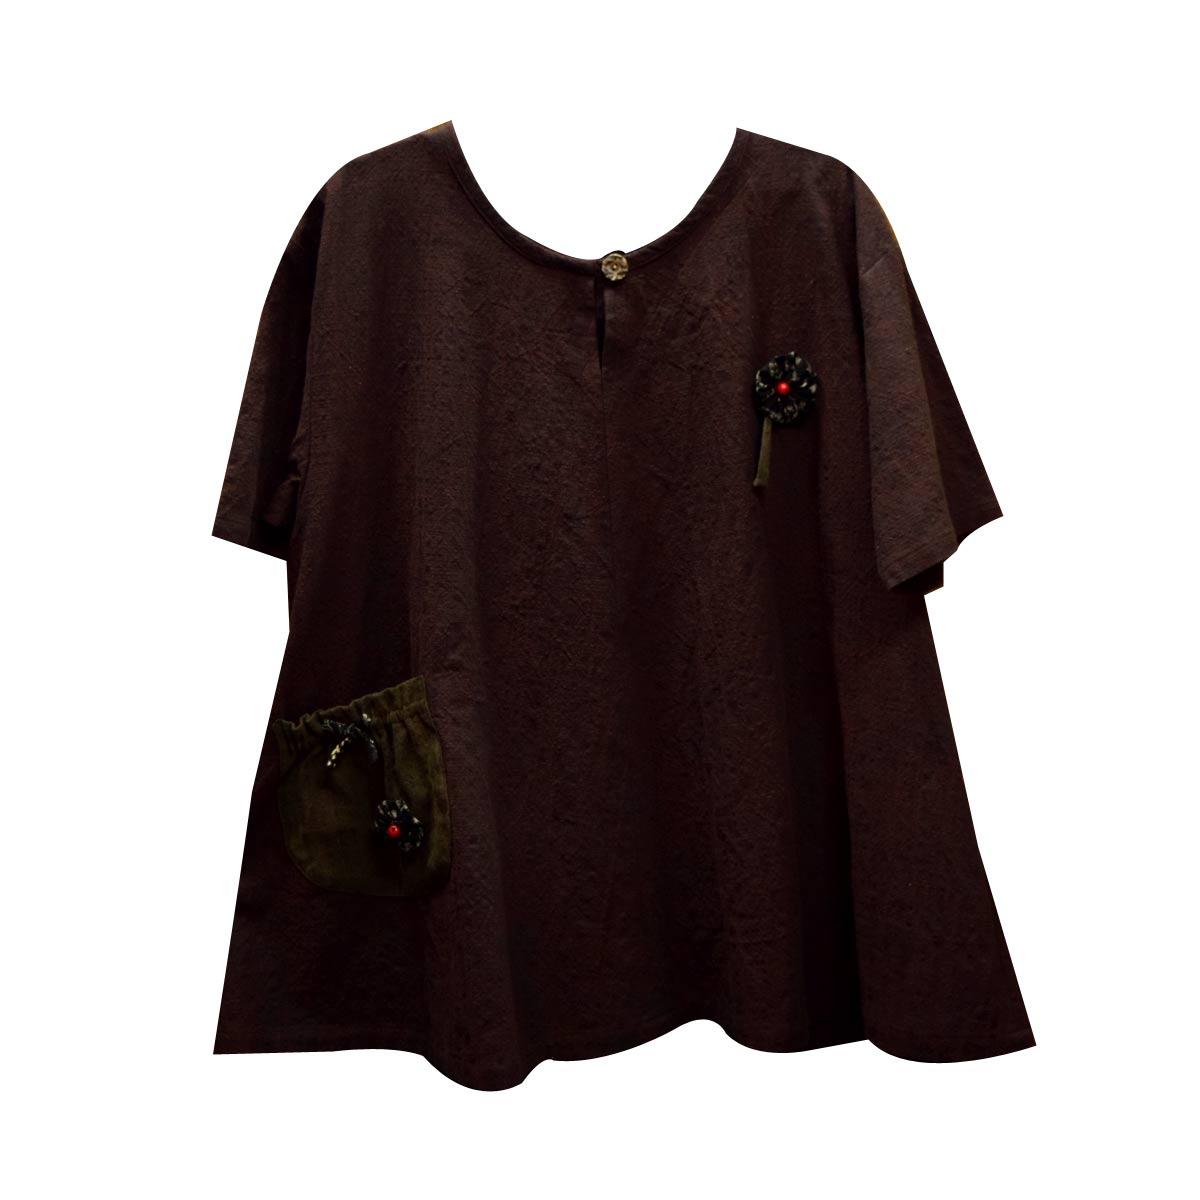 絣衣 トップス 安曇野日本製 フリーサイズd902-24